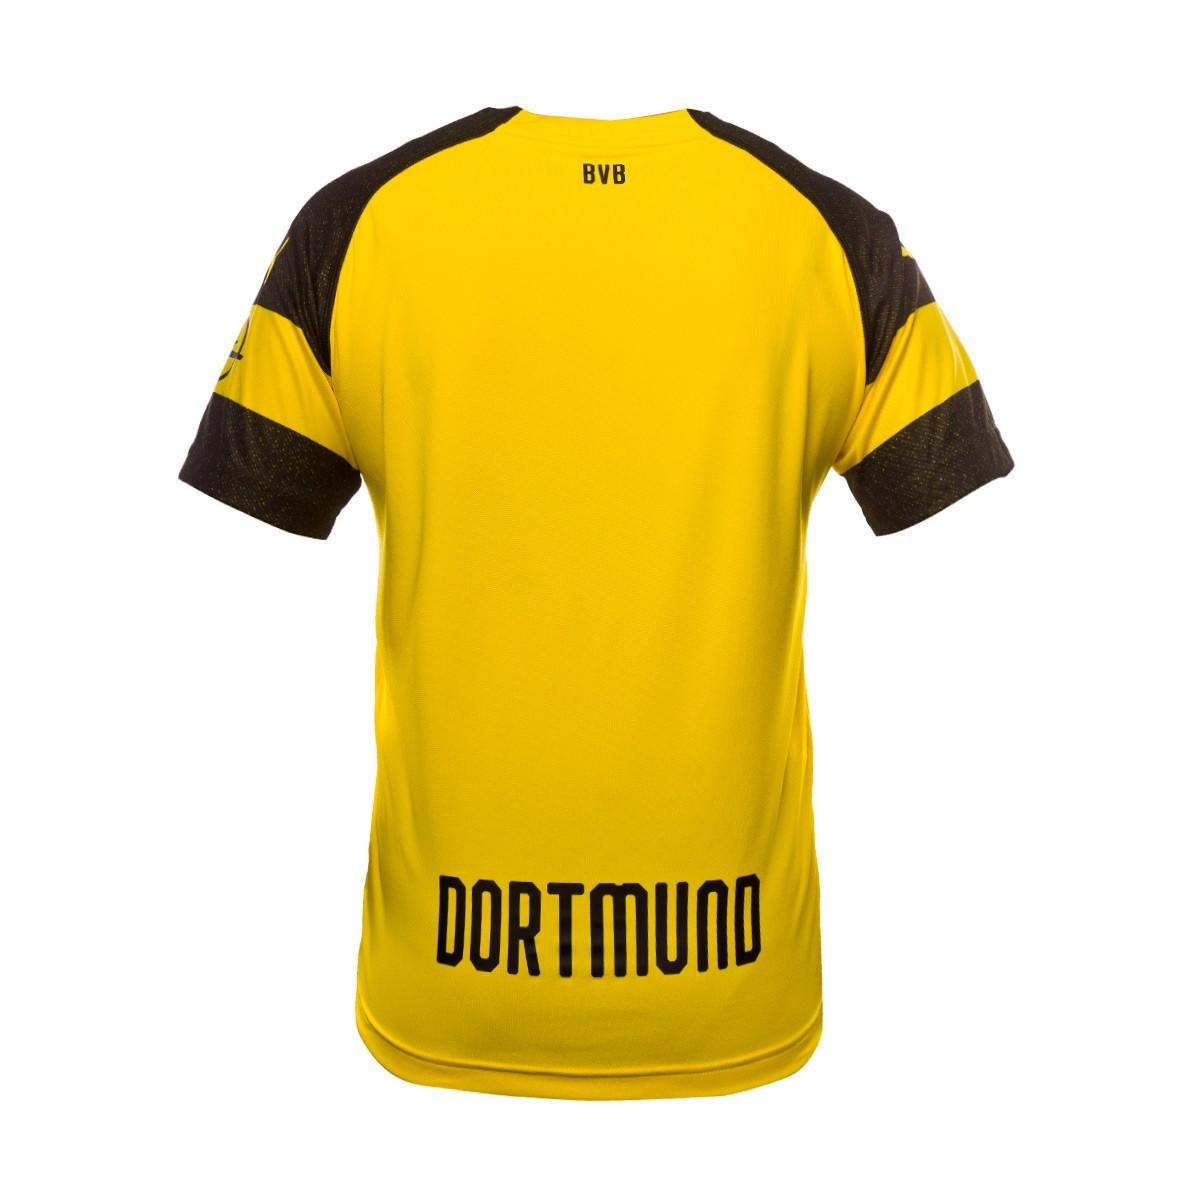 d2642d94b Jersey Puma Kids BVB Opel Evonik 2018-2019 Home Cyber yellow - Football  store Fútbol Emotion